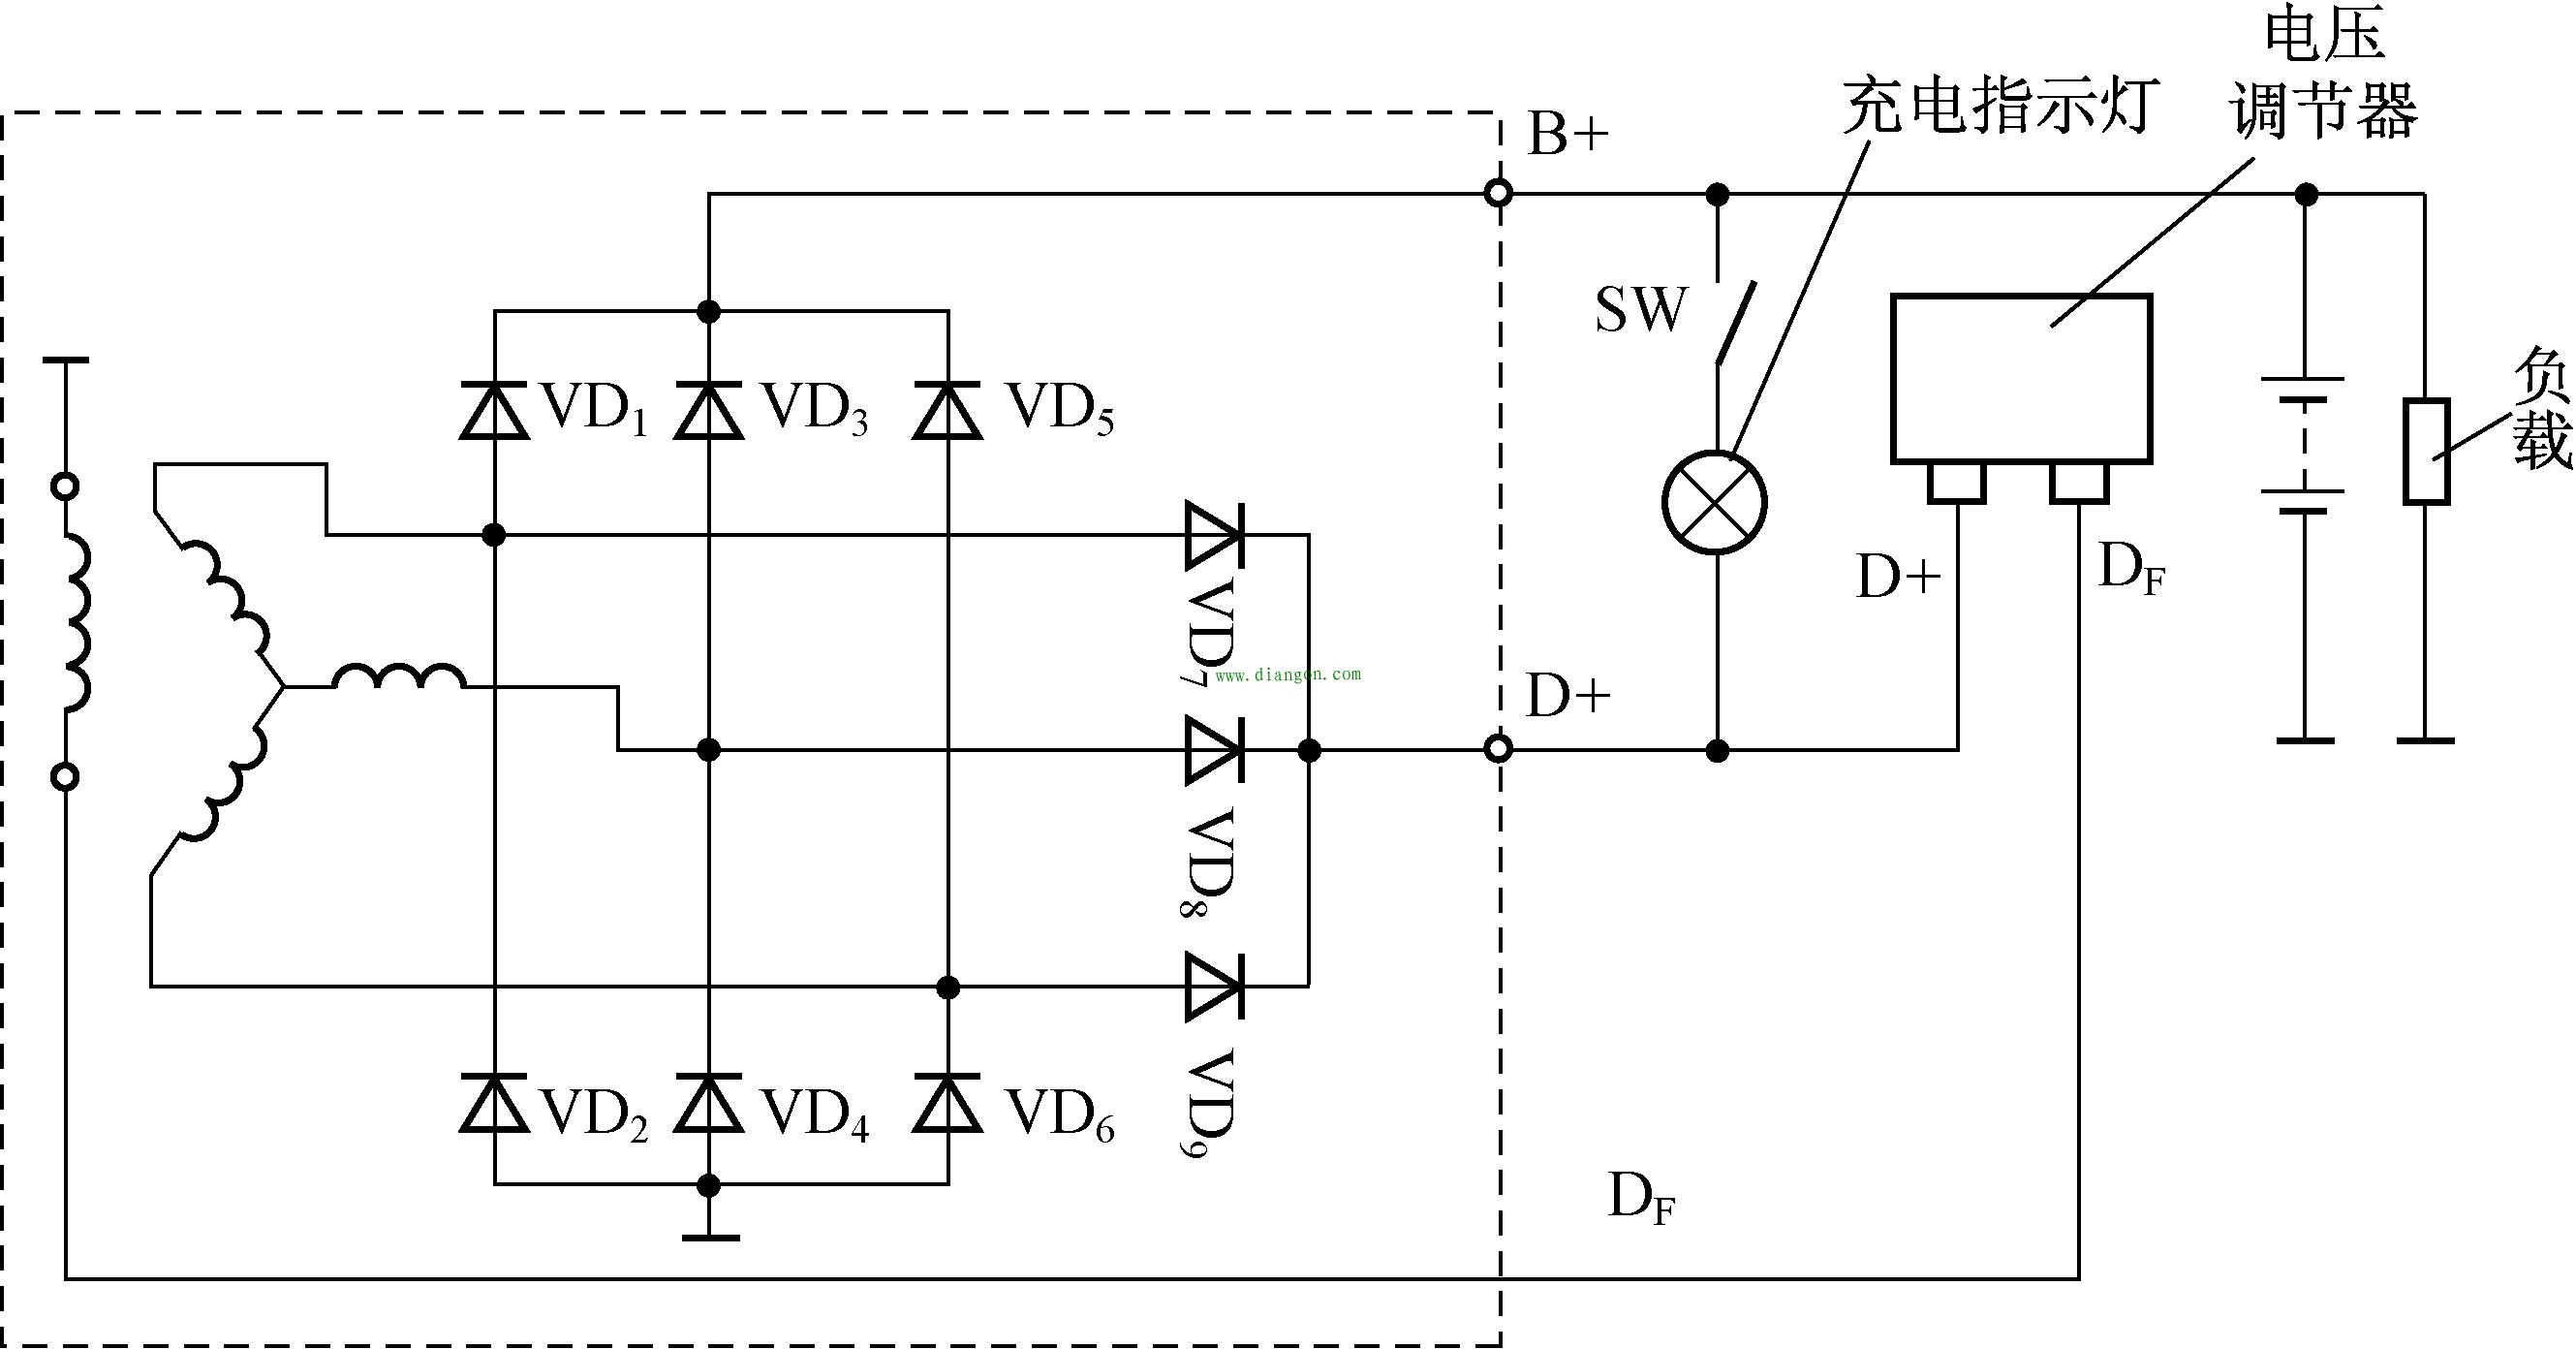 交流发电机的工作原理图解 - 汽车电气 电工论坛